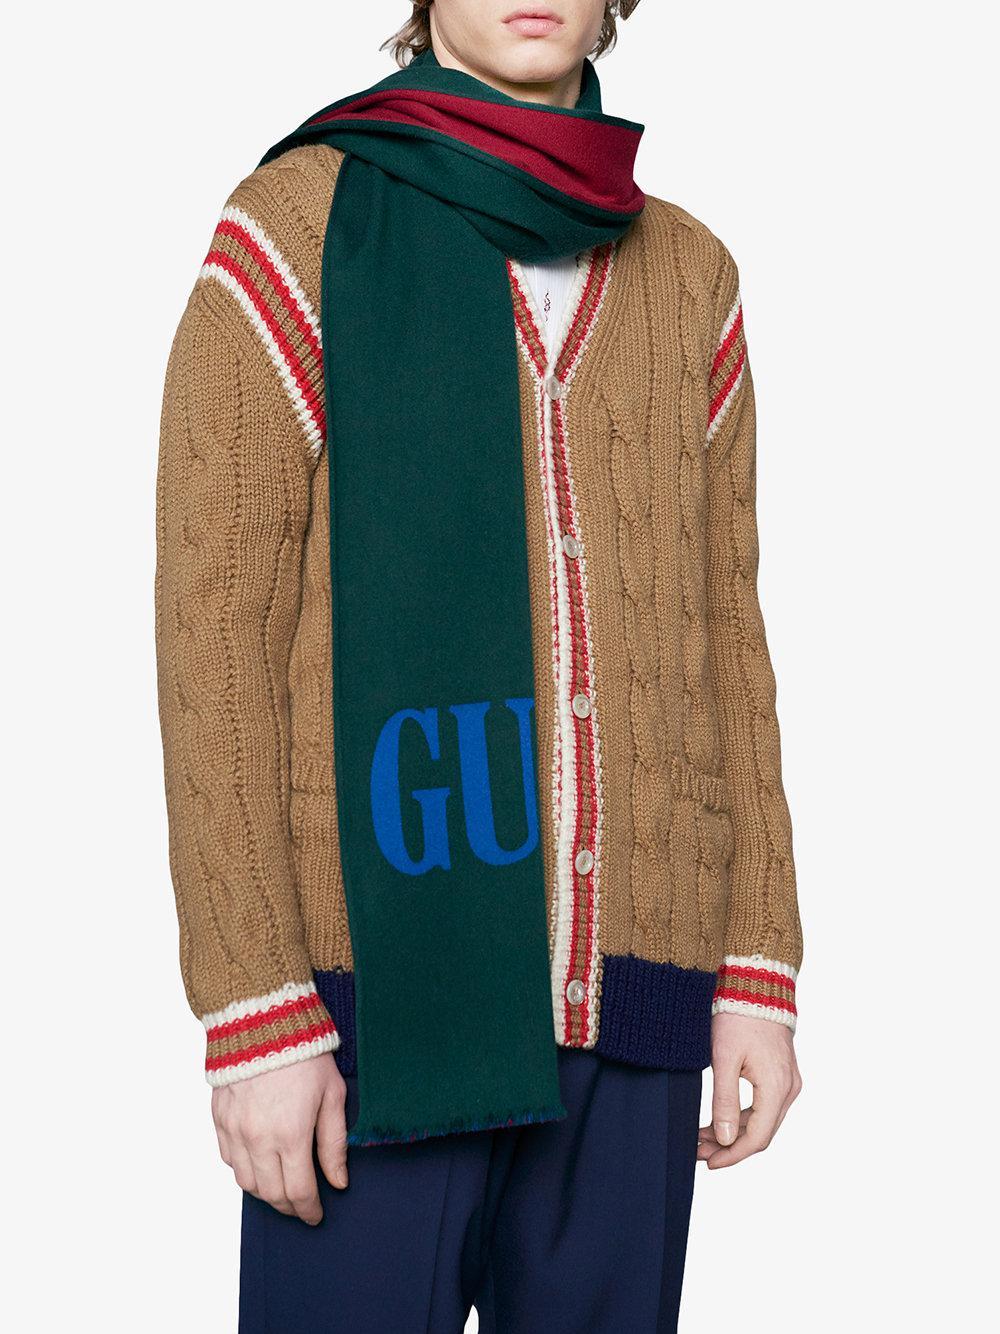 Lyst - Foulard en jacquard de laine et soie avec logo Gucci pour ... 3f81d35835b